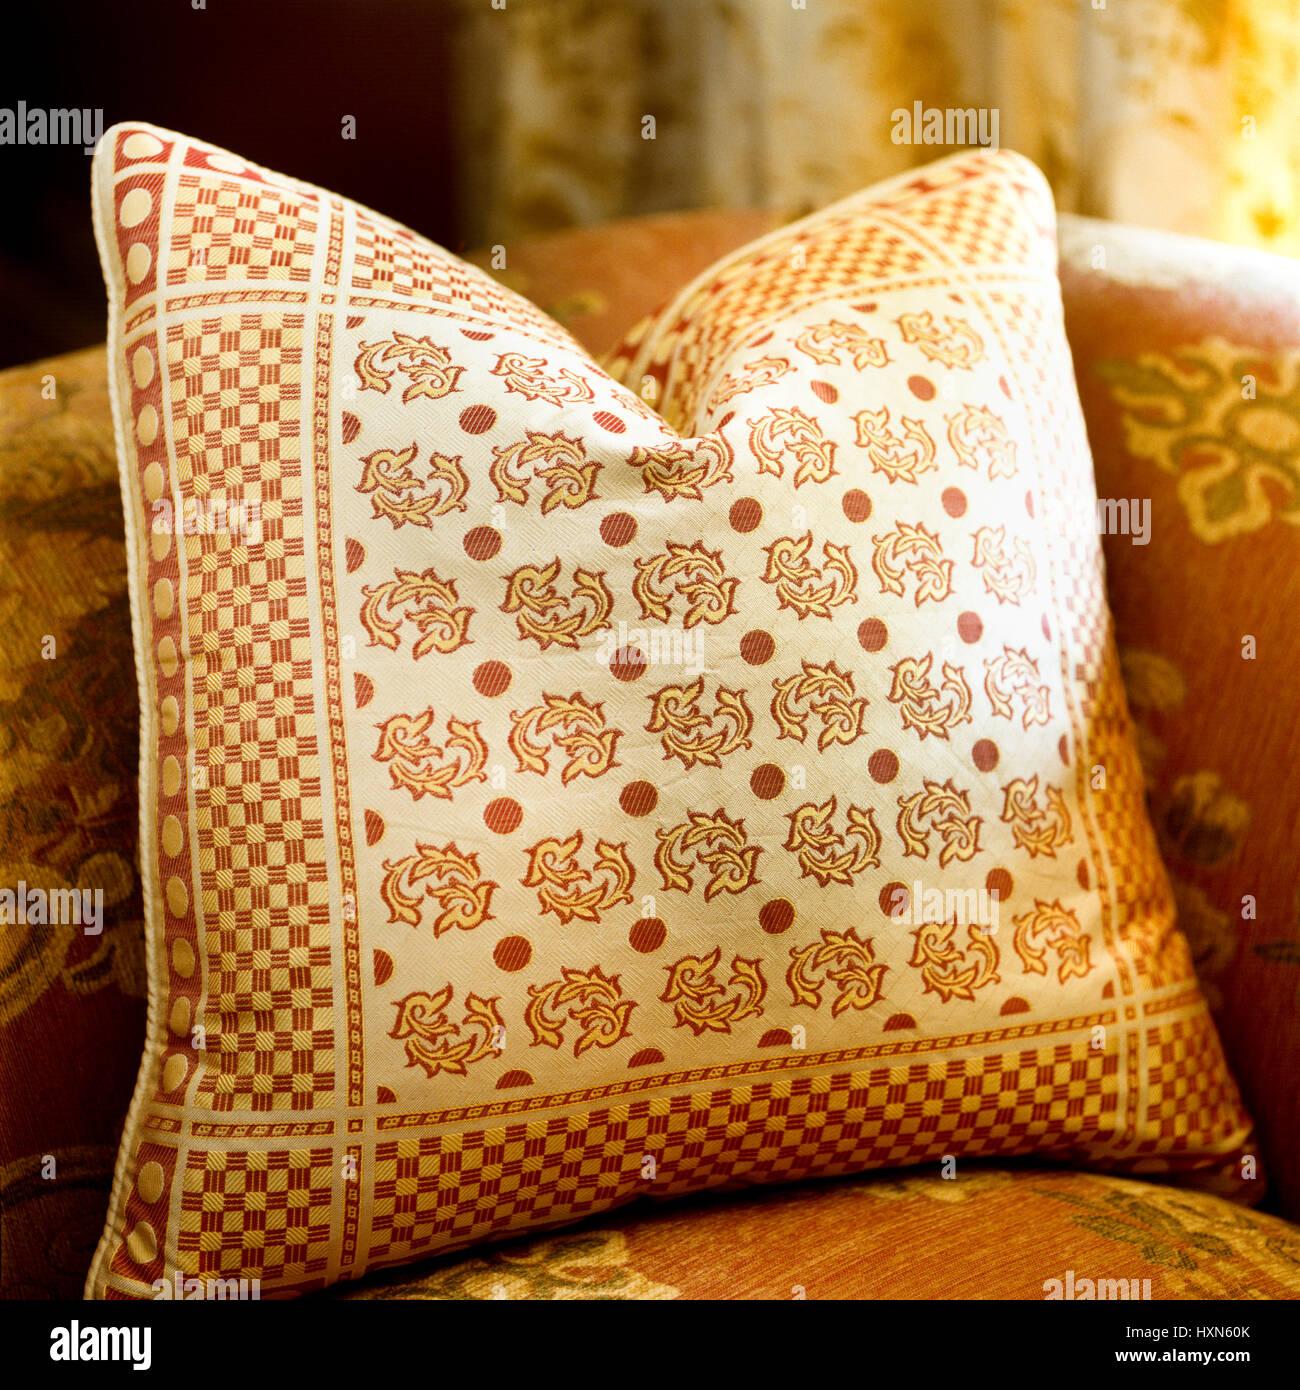 Patterned cushion. - Stock Image